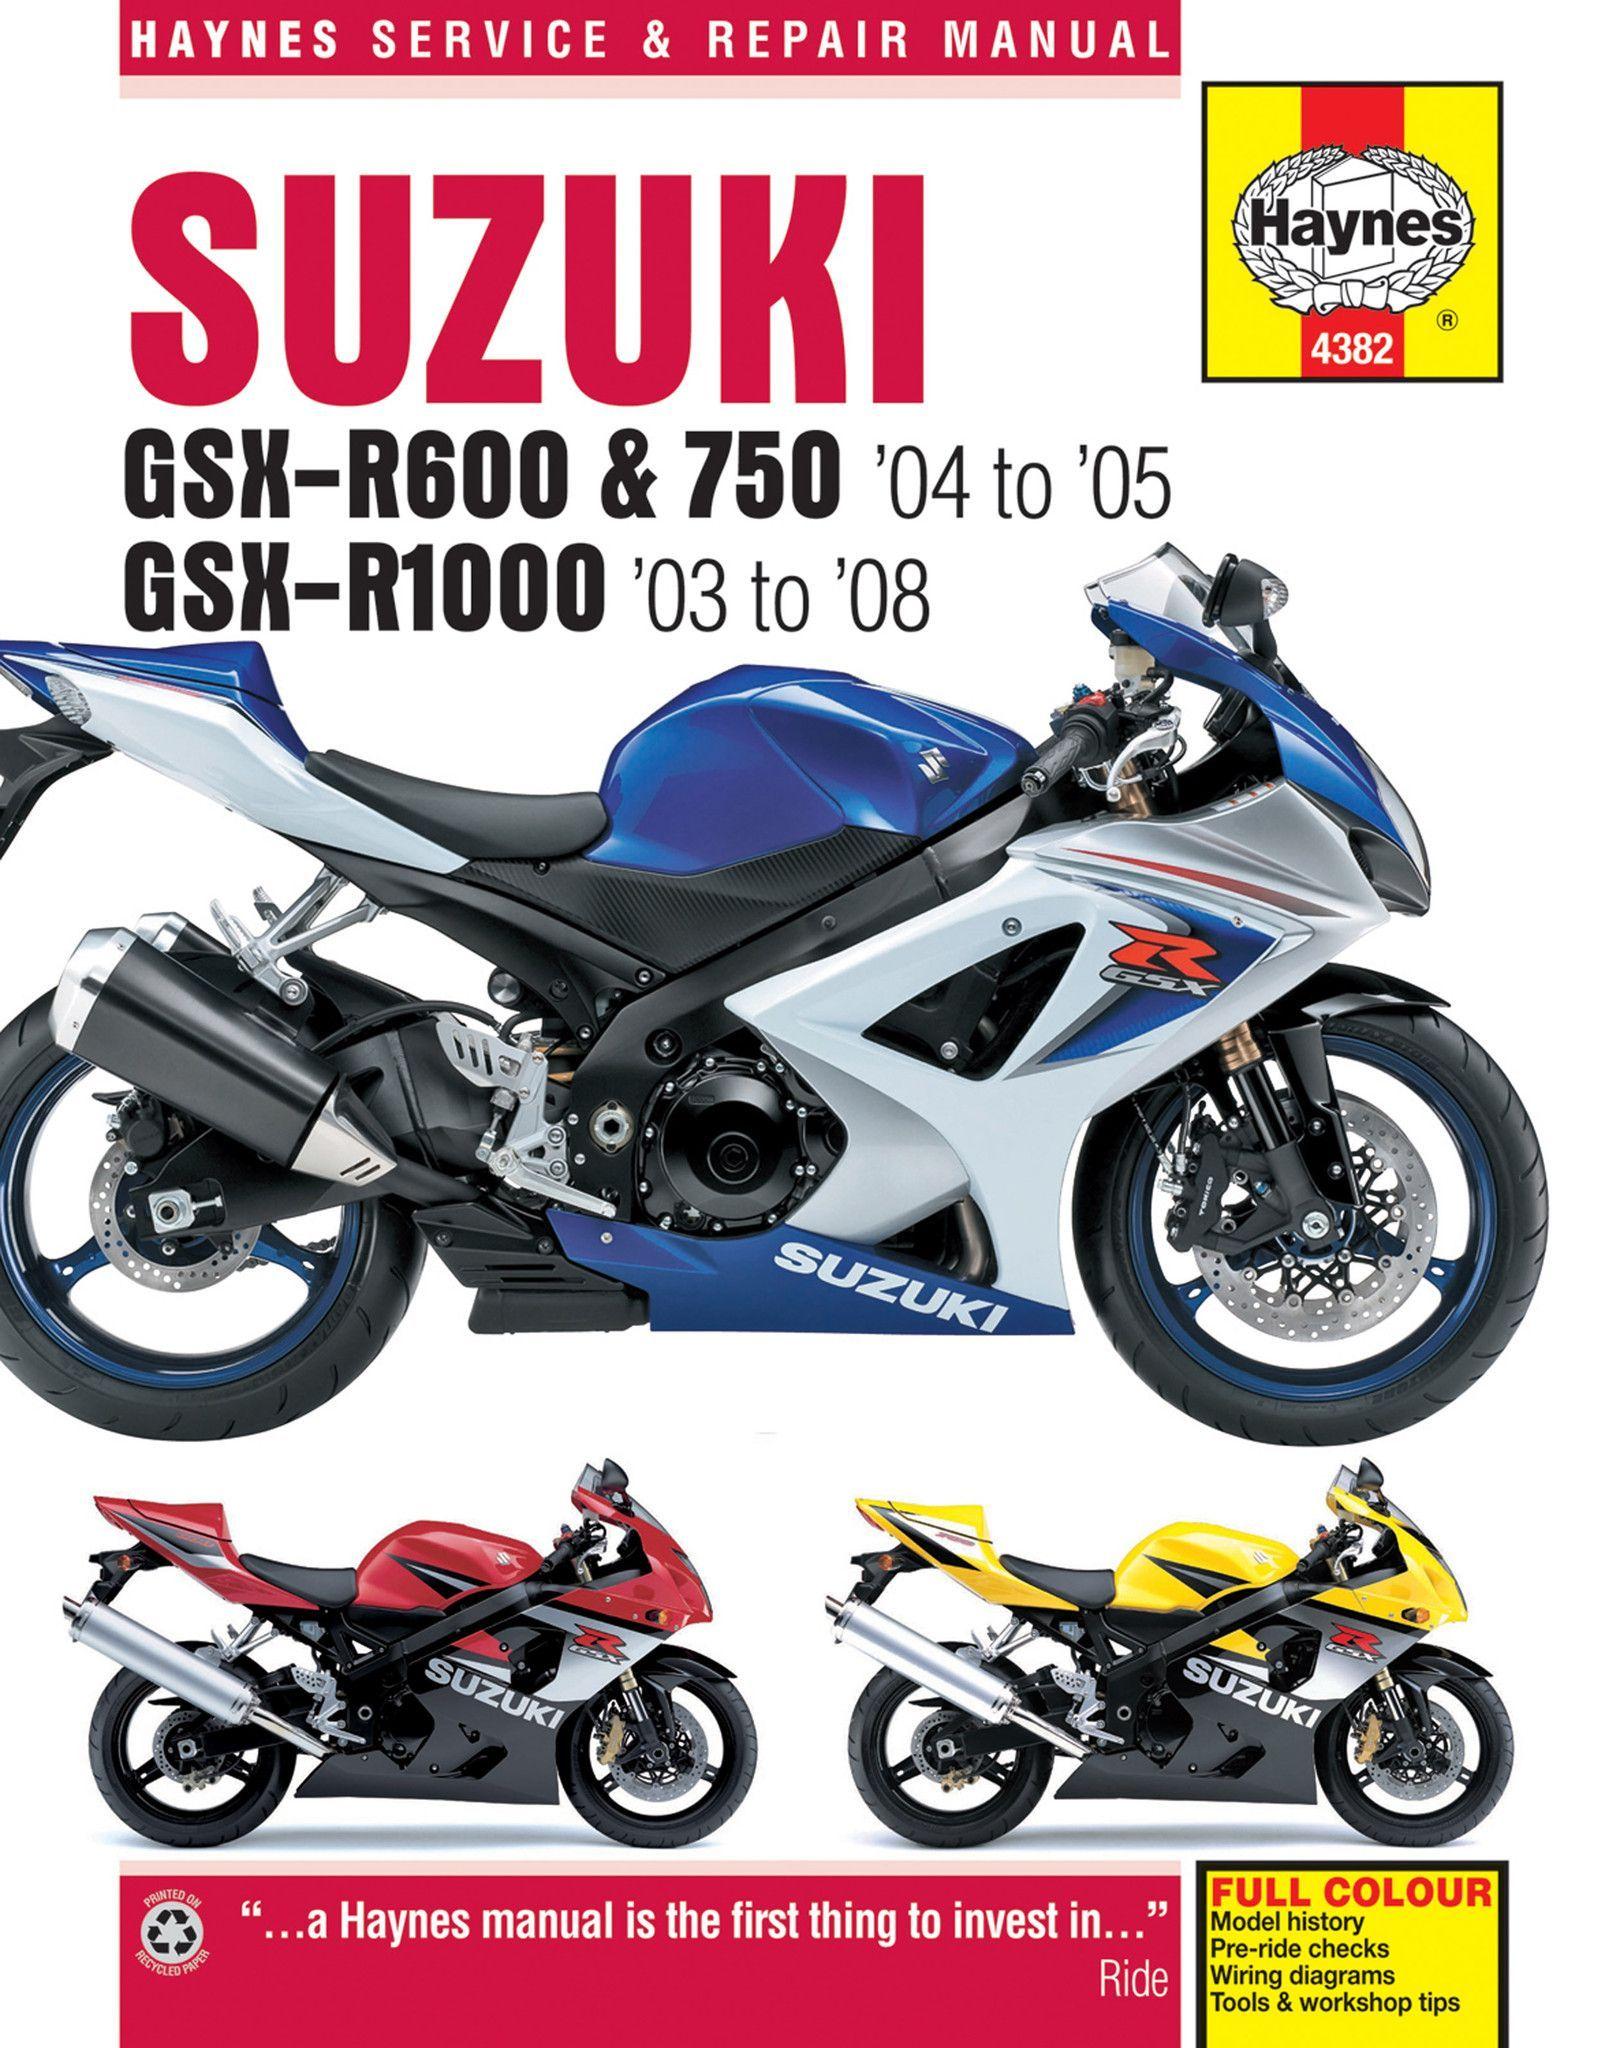 Haynes M4382 Repair Manual for Suzuki GSX-R600, 750, and GSX-R1000